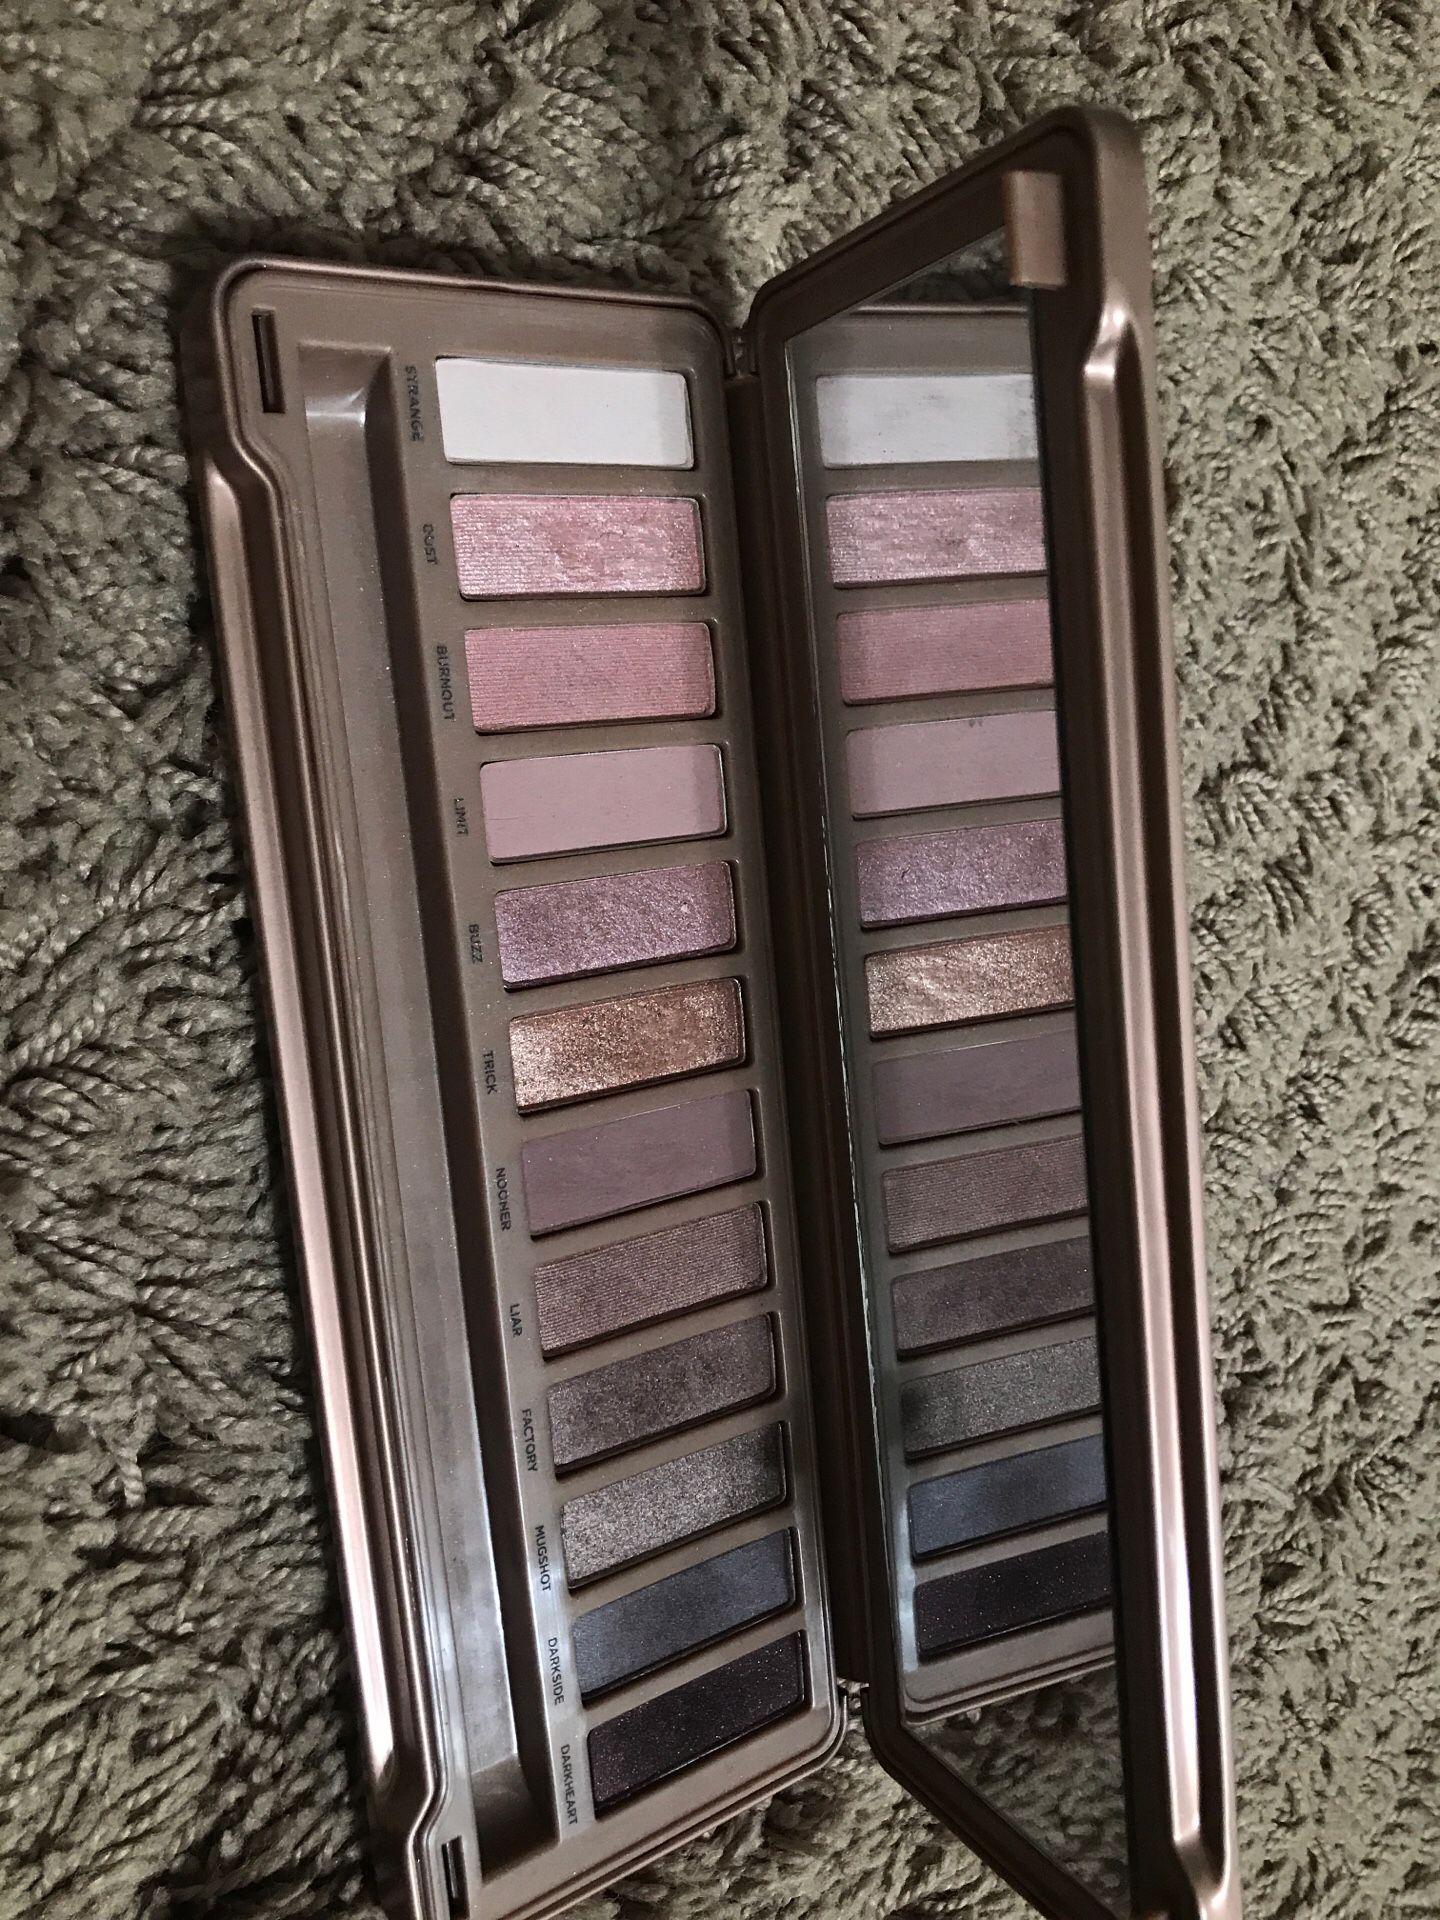 UD Naked 3 palette